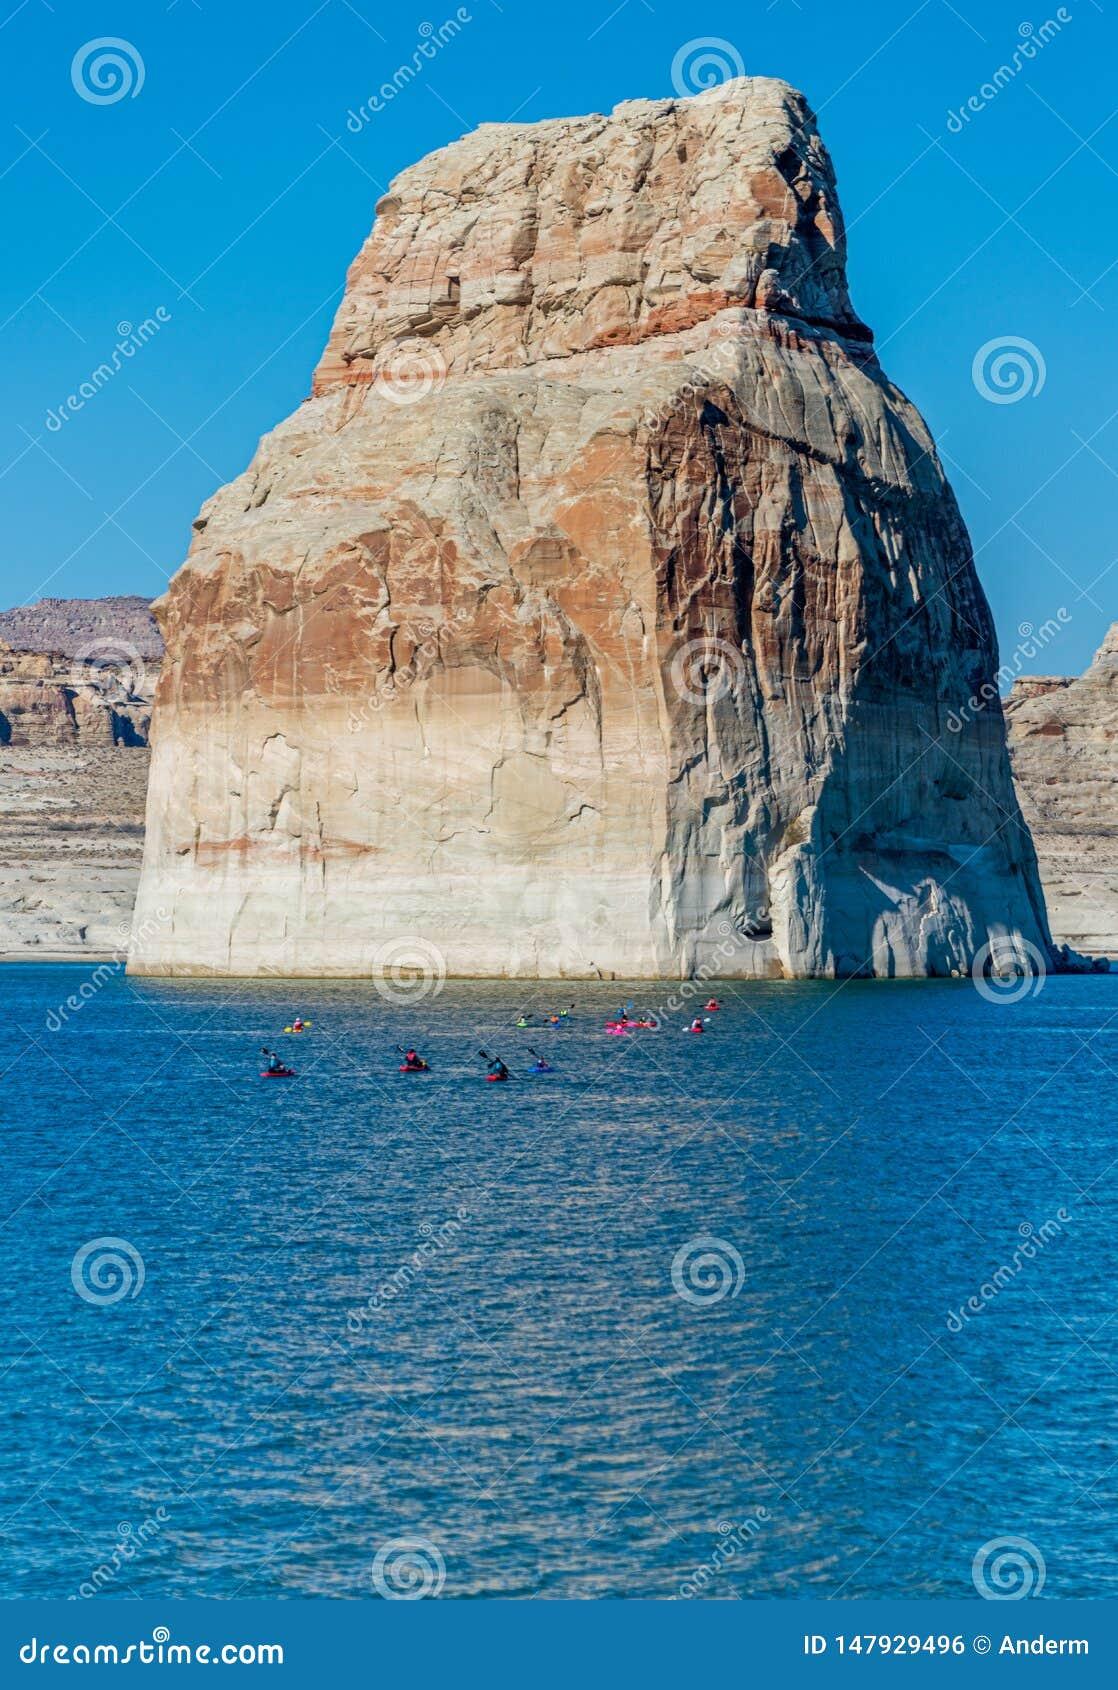 Озеро Пауэлл, страница, Аризона, Соединенные Штаты Америки